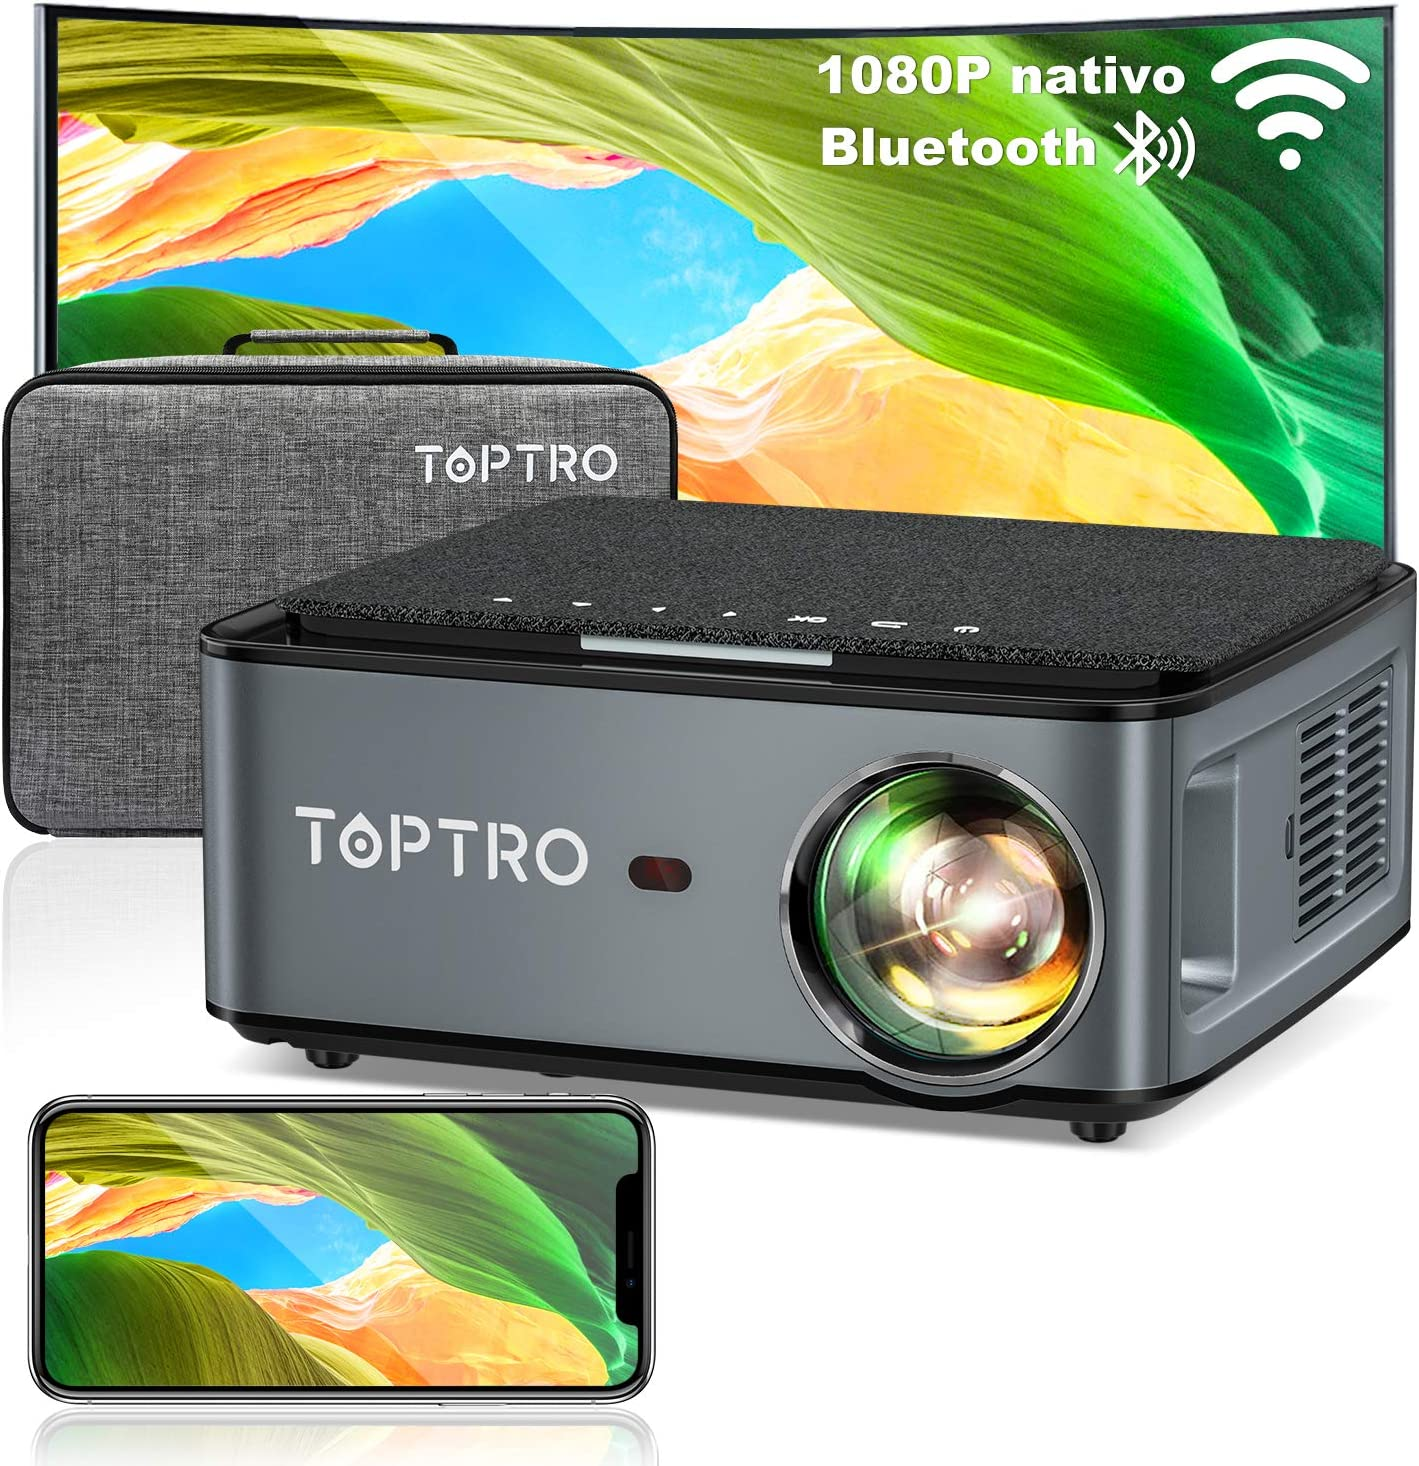 Proyector WiFi Bluetooth, TOPTRO 7500 Lúmenes Proyector Full HD 1920x1080P Nativo Soporta 4K, Ajuste Digital de 4 Puntos y Función de Zoom, Proyector Portátil LED Cine en Casa para PPT Phone PS5 etc.